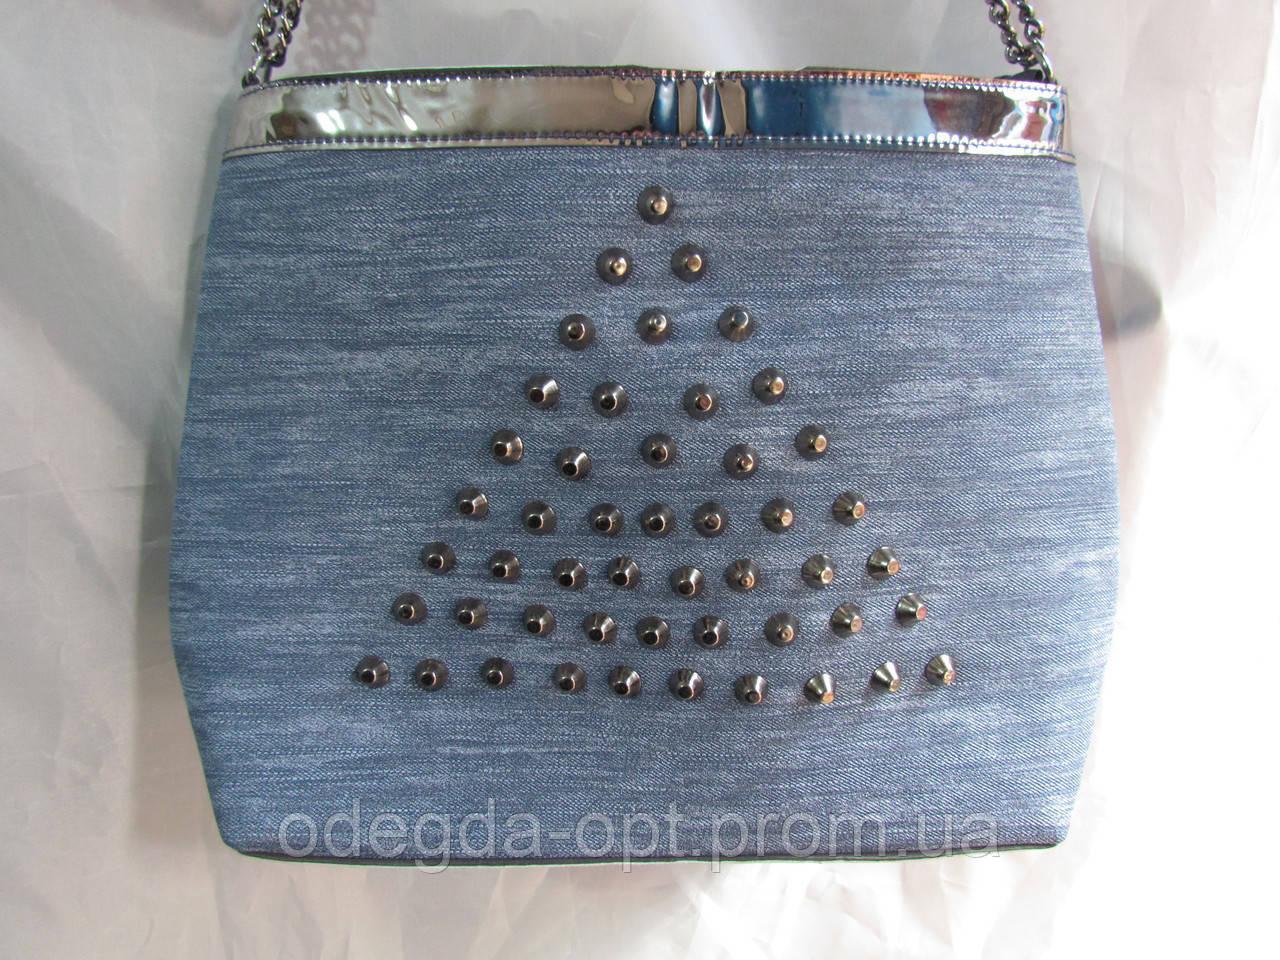 a03d6530ce02 Сумки женские Турция 160522 - Интернет-магазин одежды «Одежда Оптом в  Украине» в